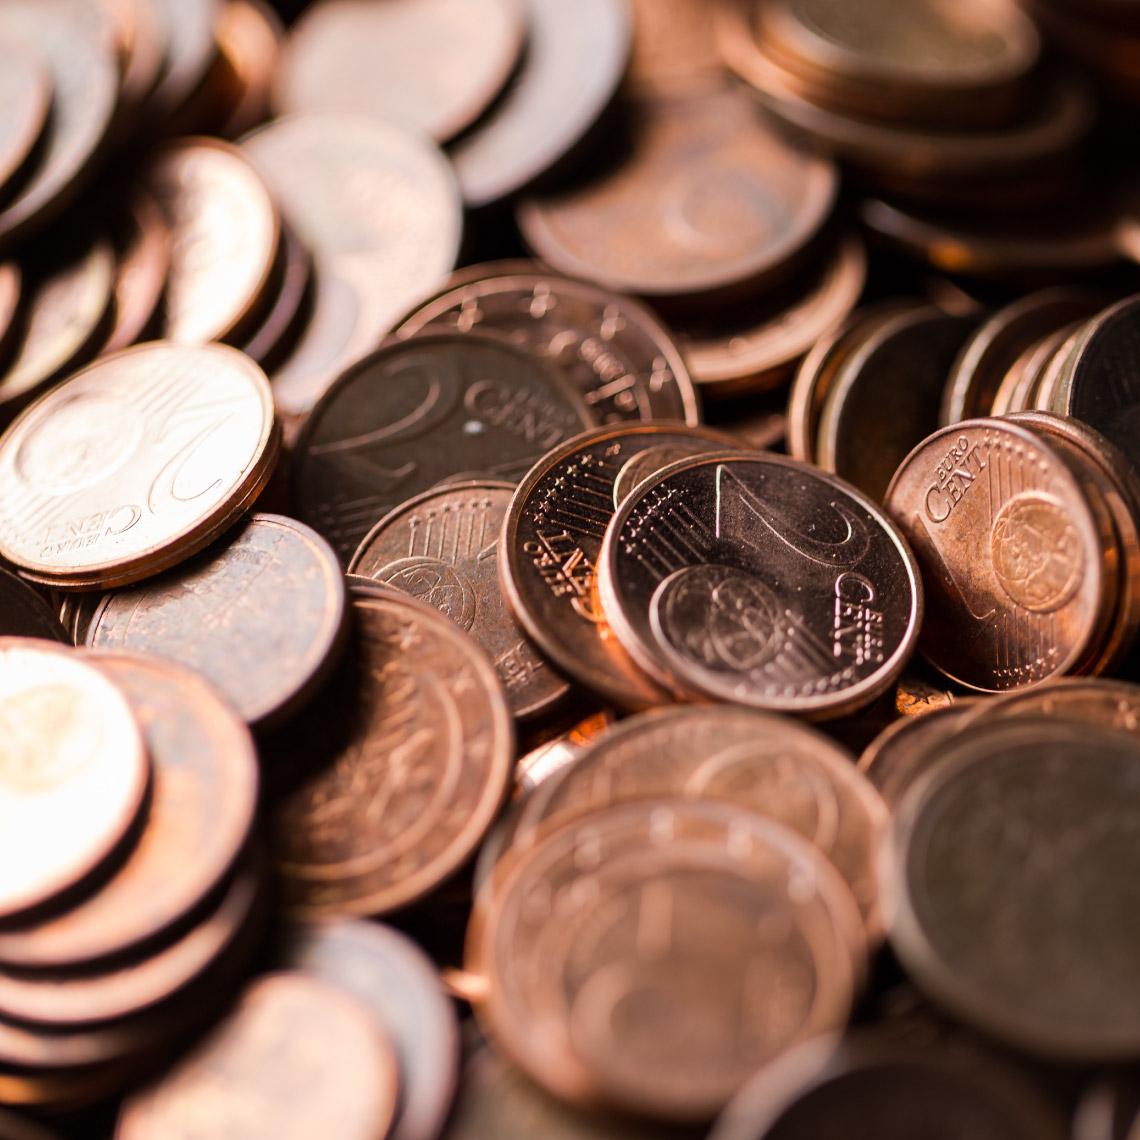 ניהול כספים נזילים - סוכן ביטוח אבדן כושר עבודה טד בר